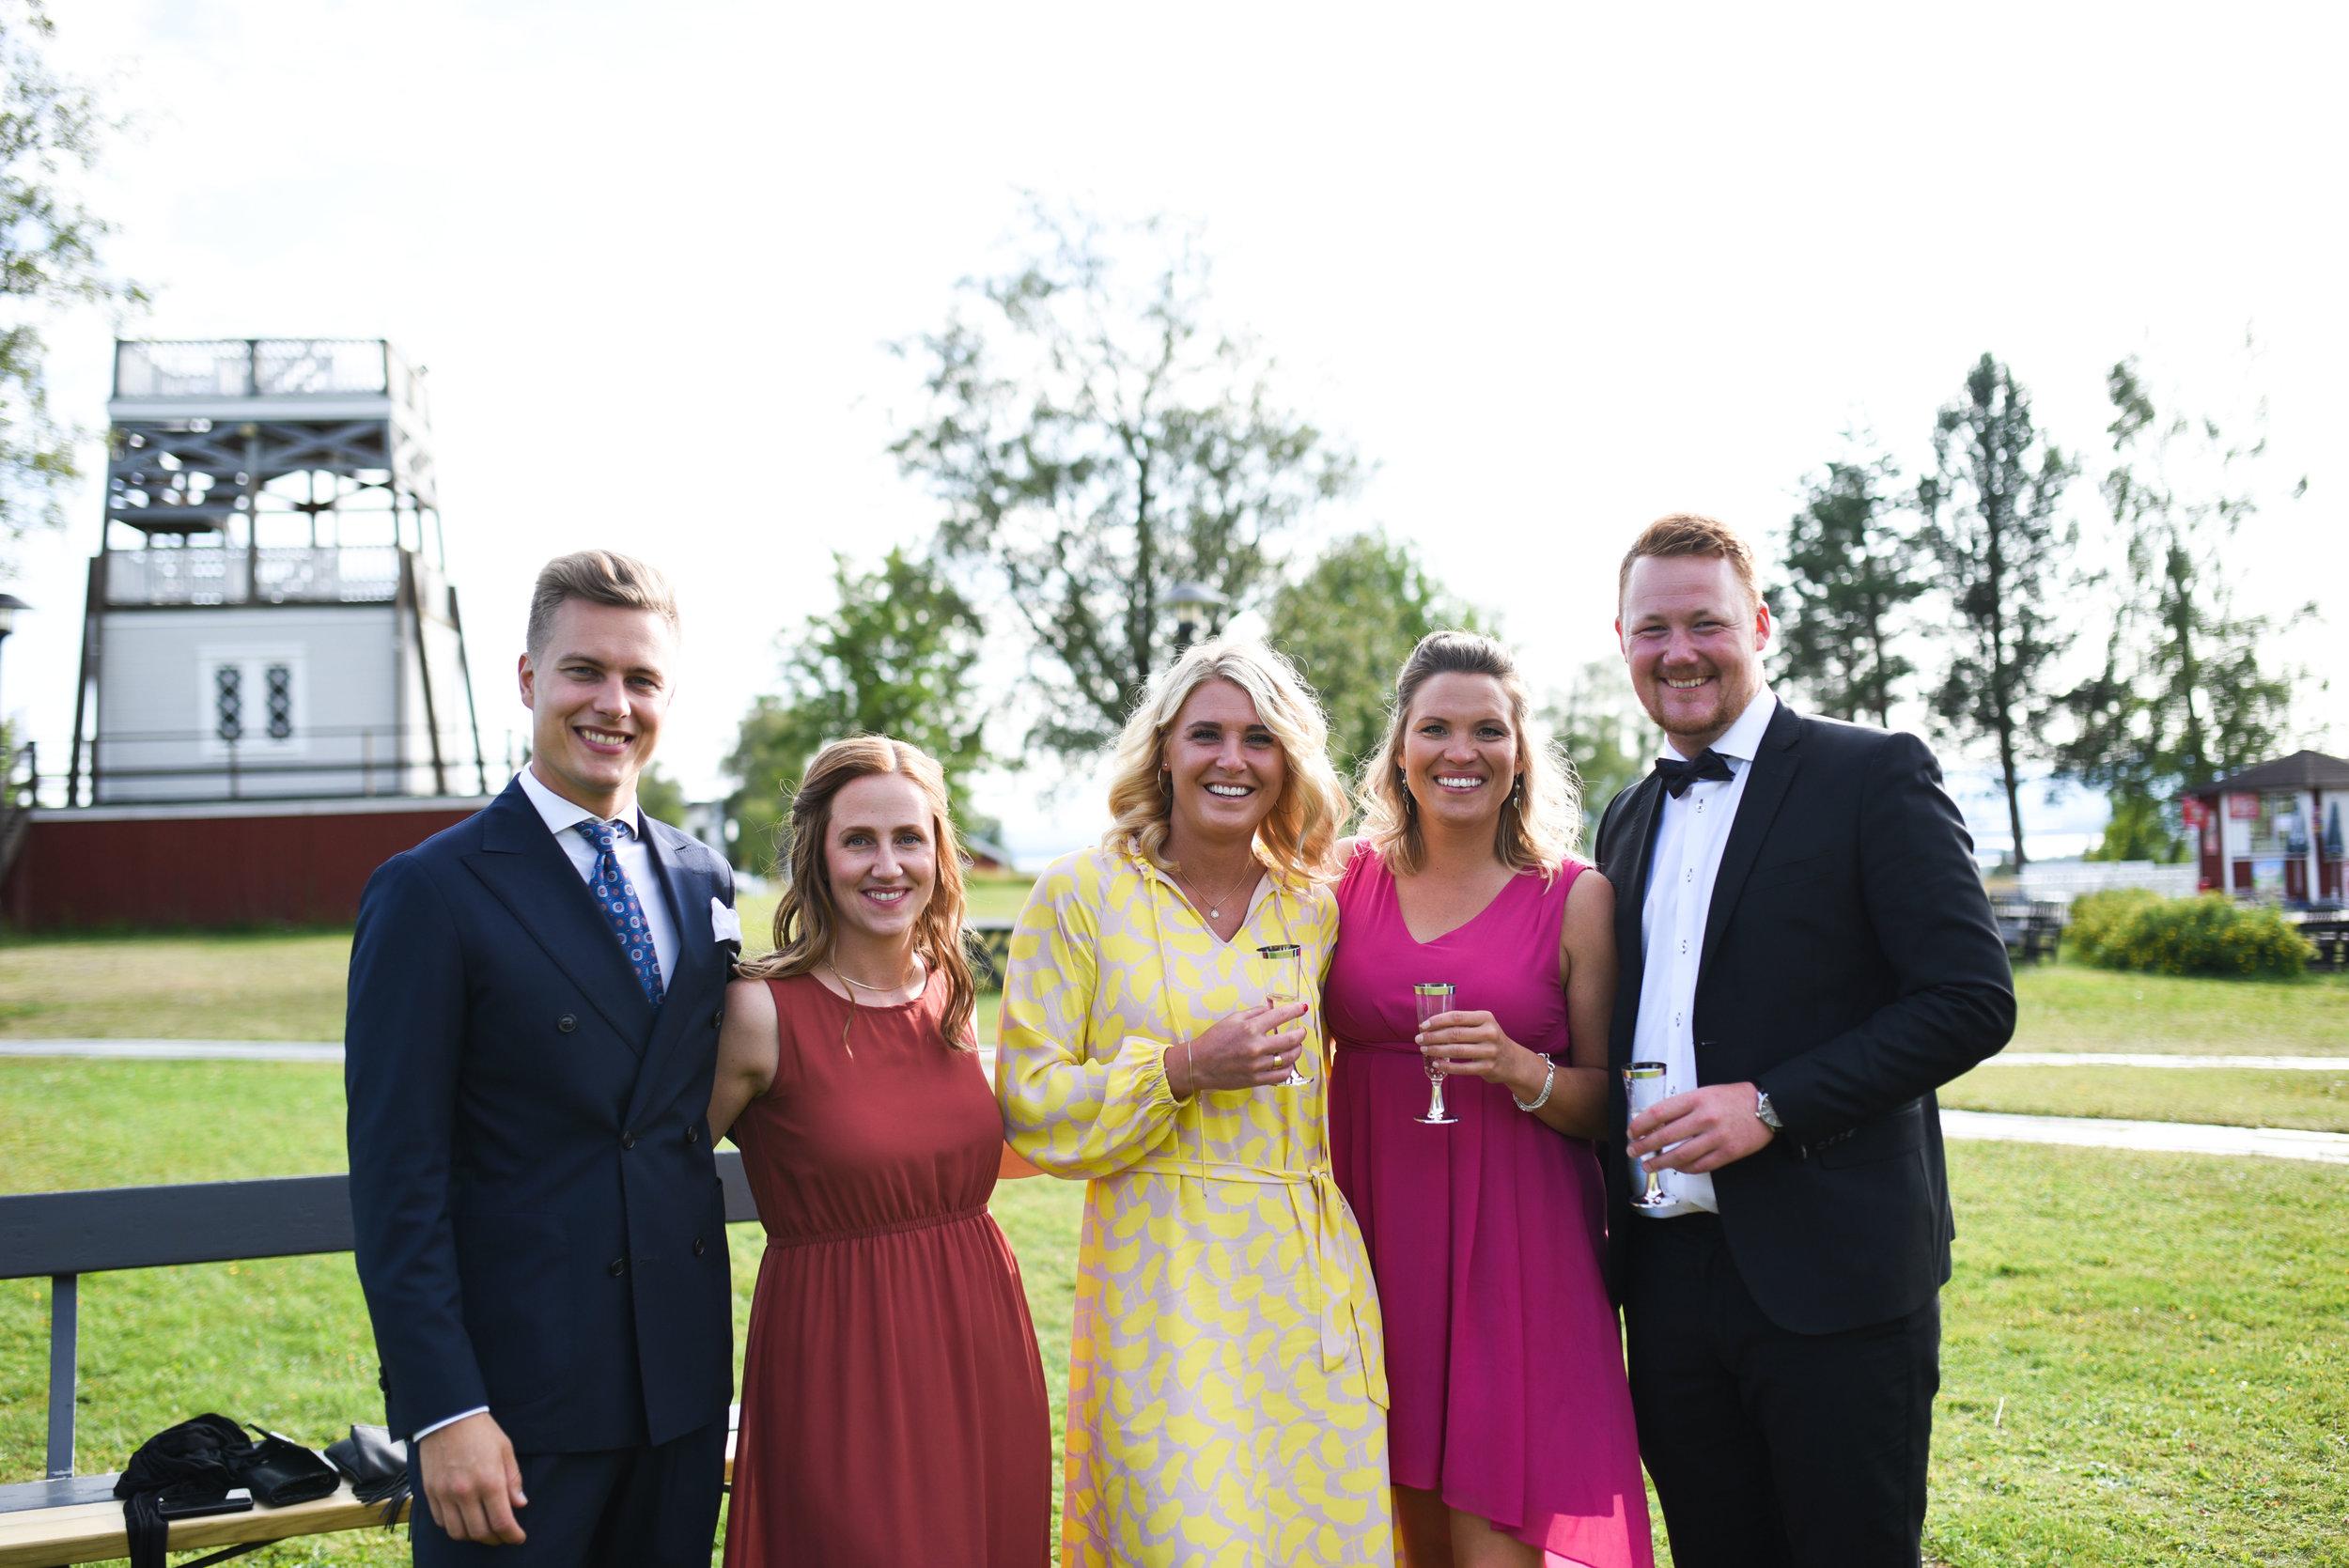 Bröllop2019lågkvall2-5984.jpg